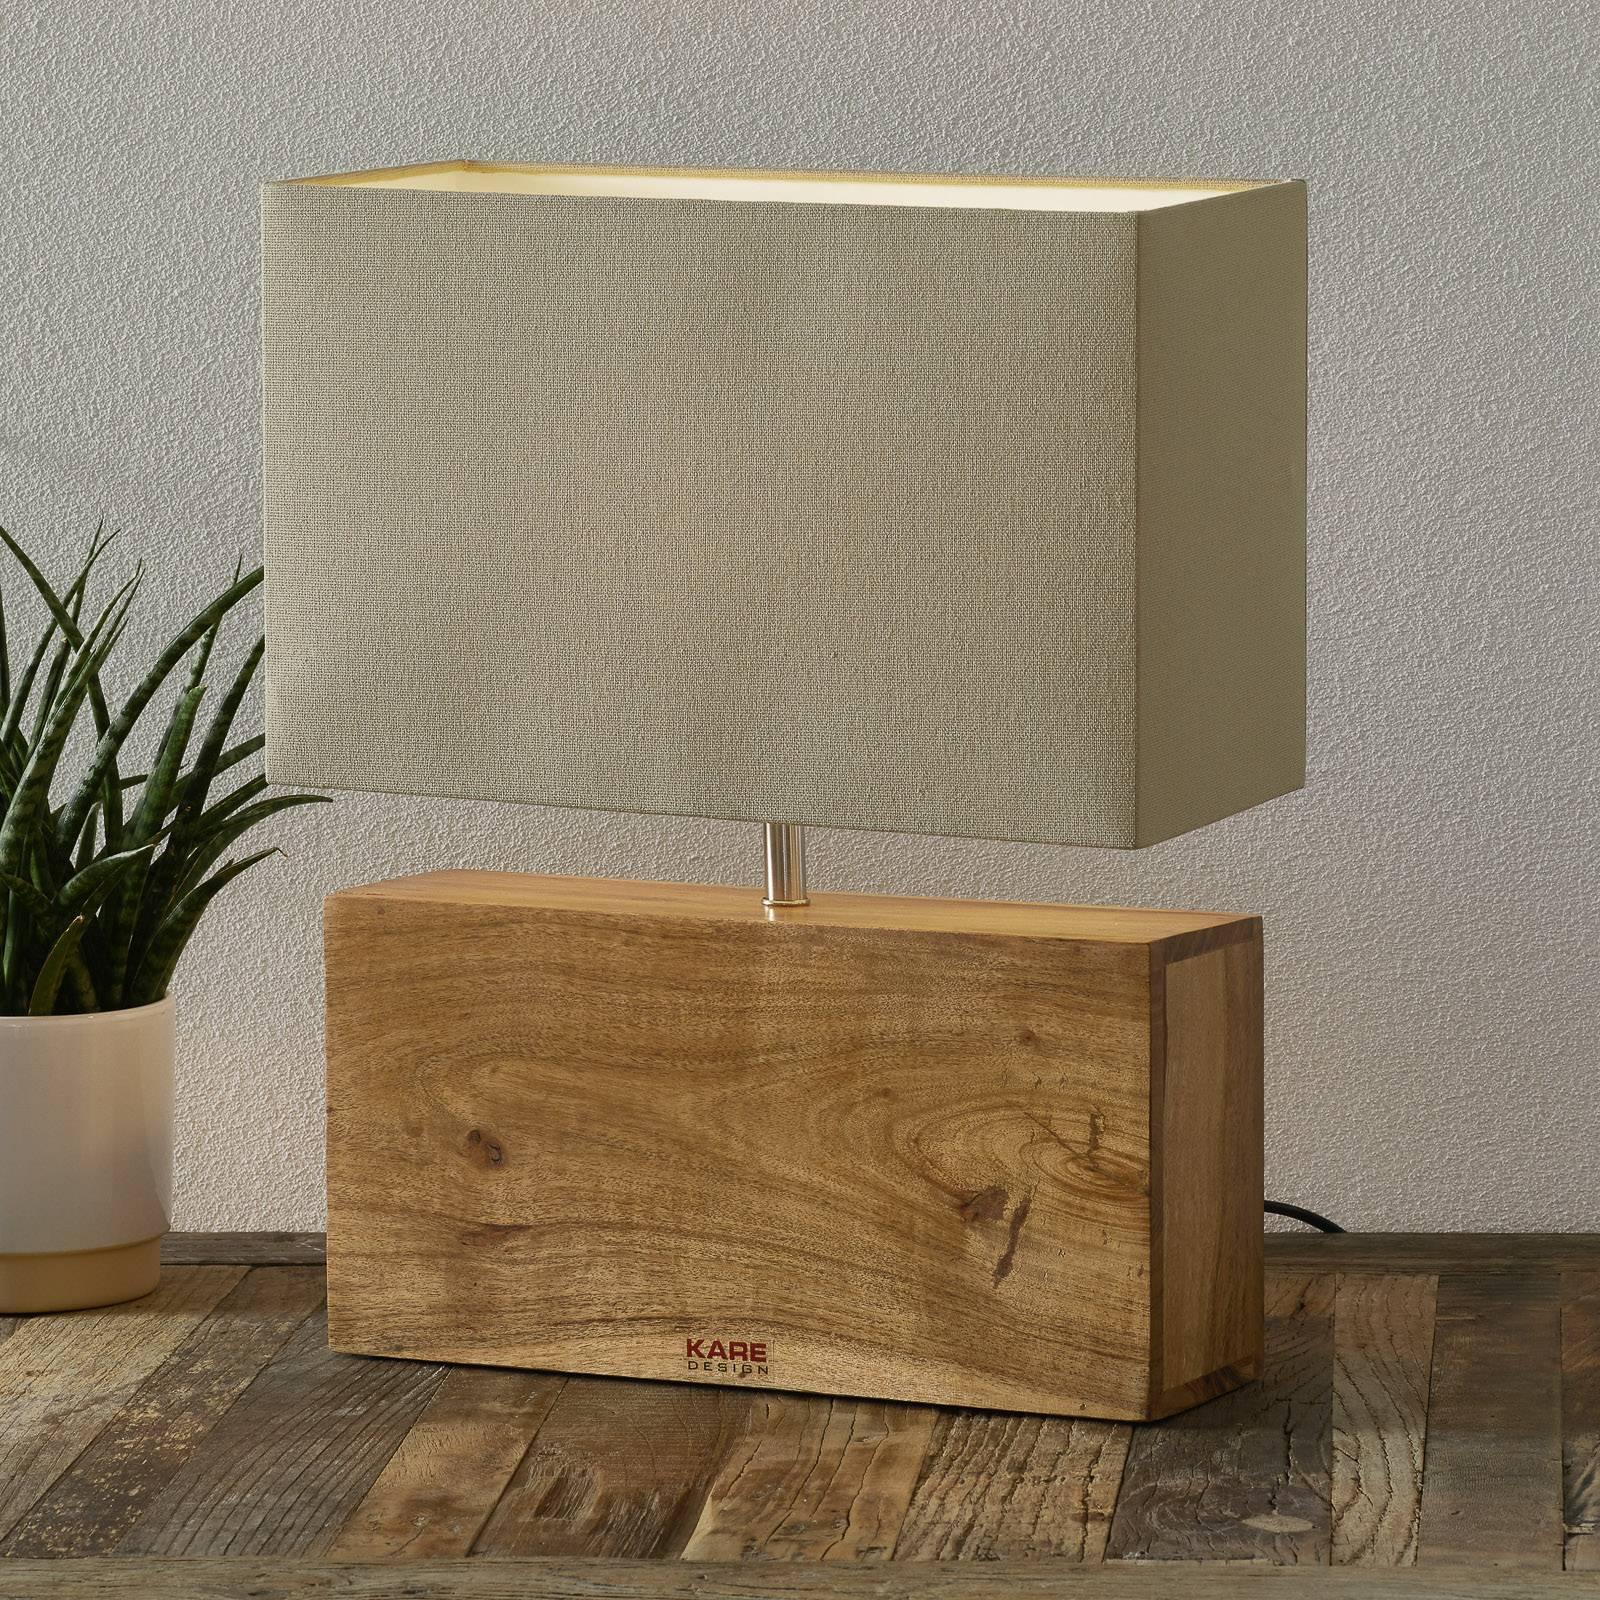 KARE Rectangular Wood -pöytävalaisin, puinen jalka